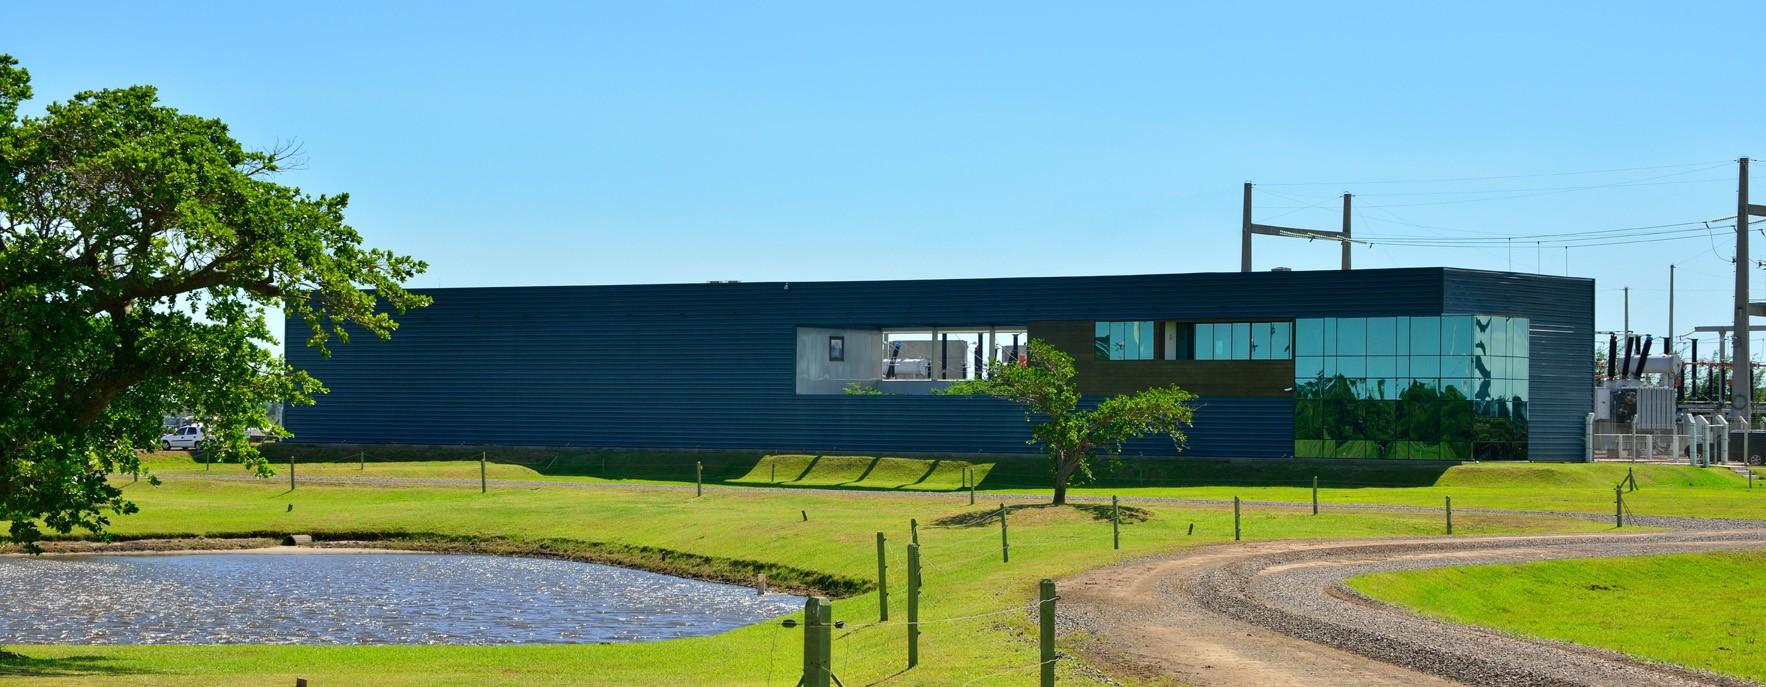 Centro de control y subestación en los parques eólicos de Osório. Brasil